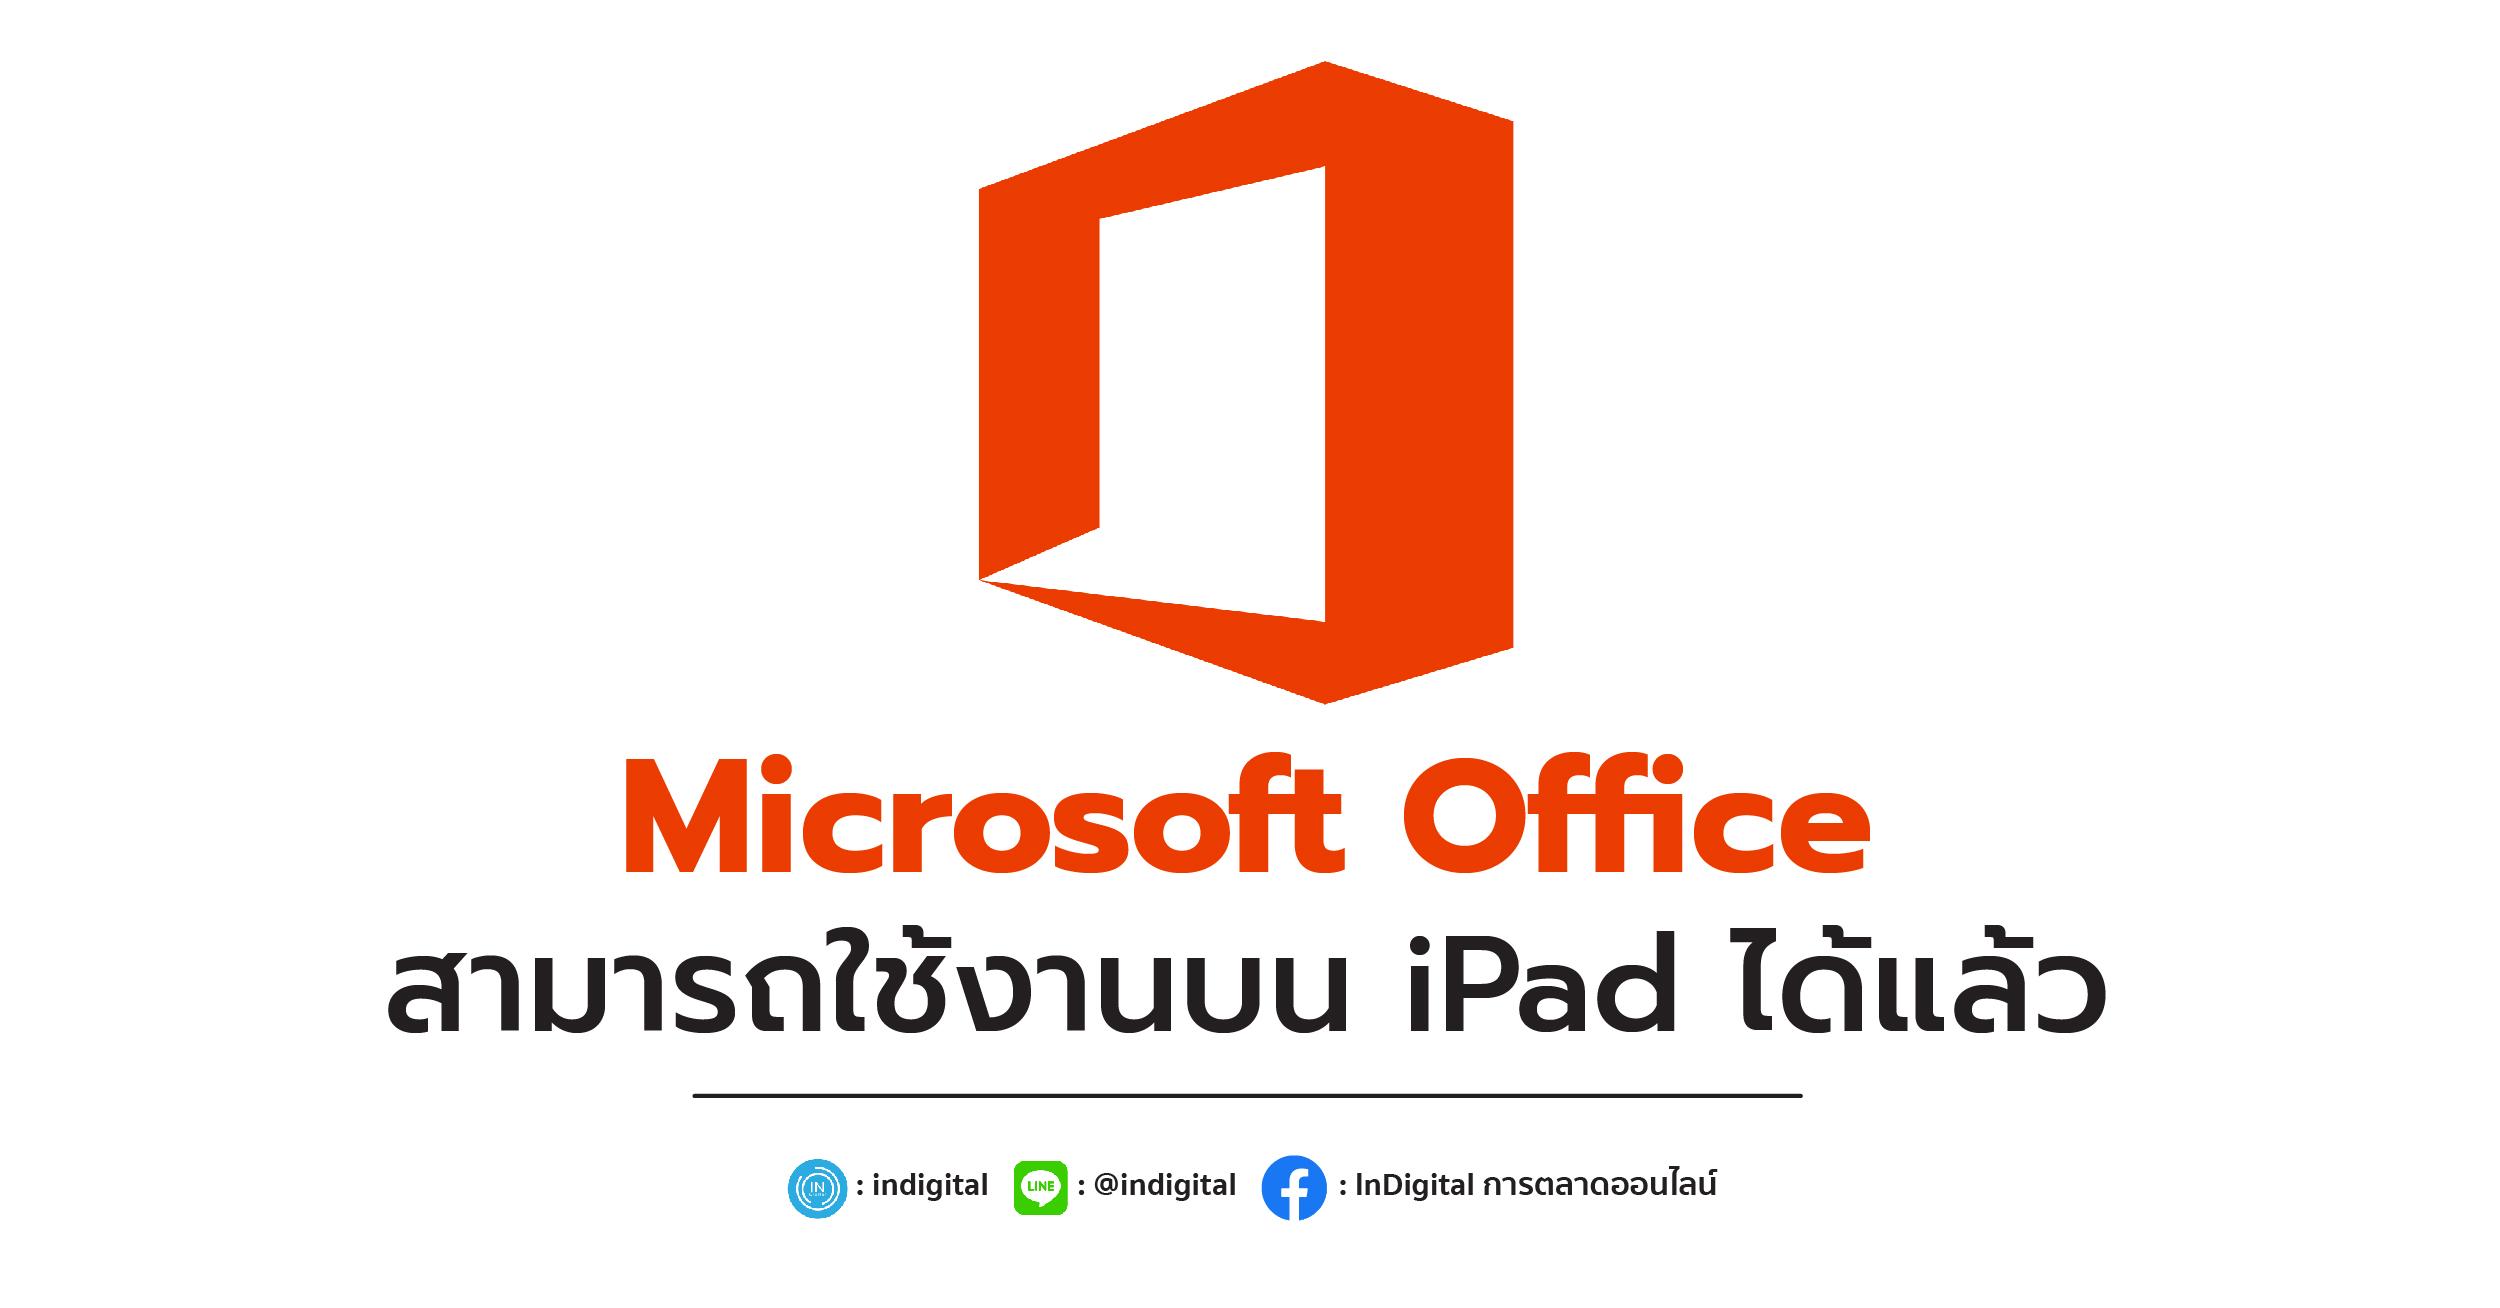 Microsoft Office สามารถใช้งานบน iPad ได้แล้ว